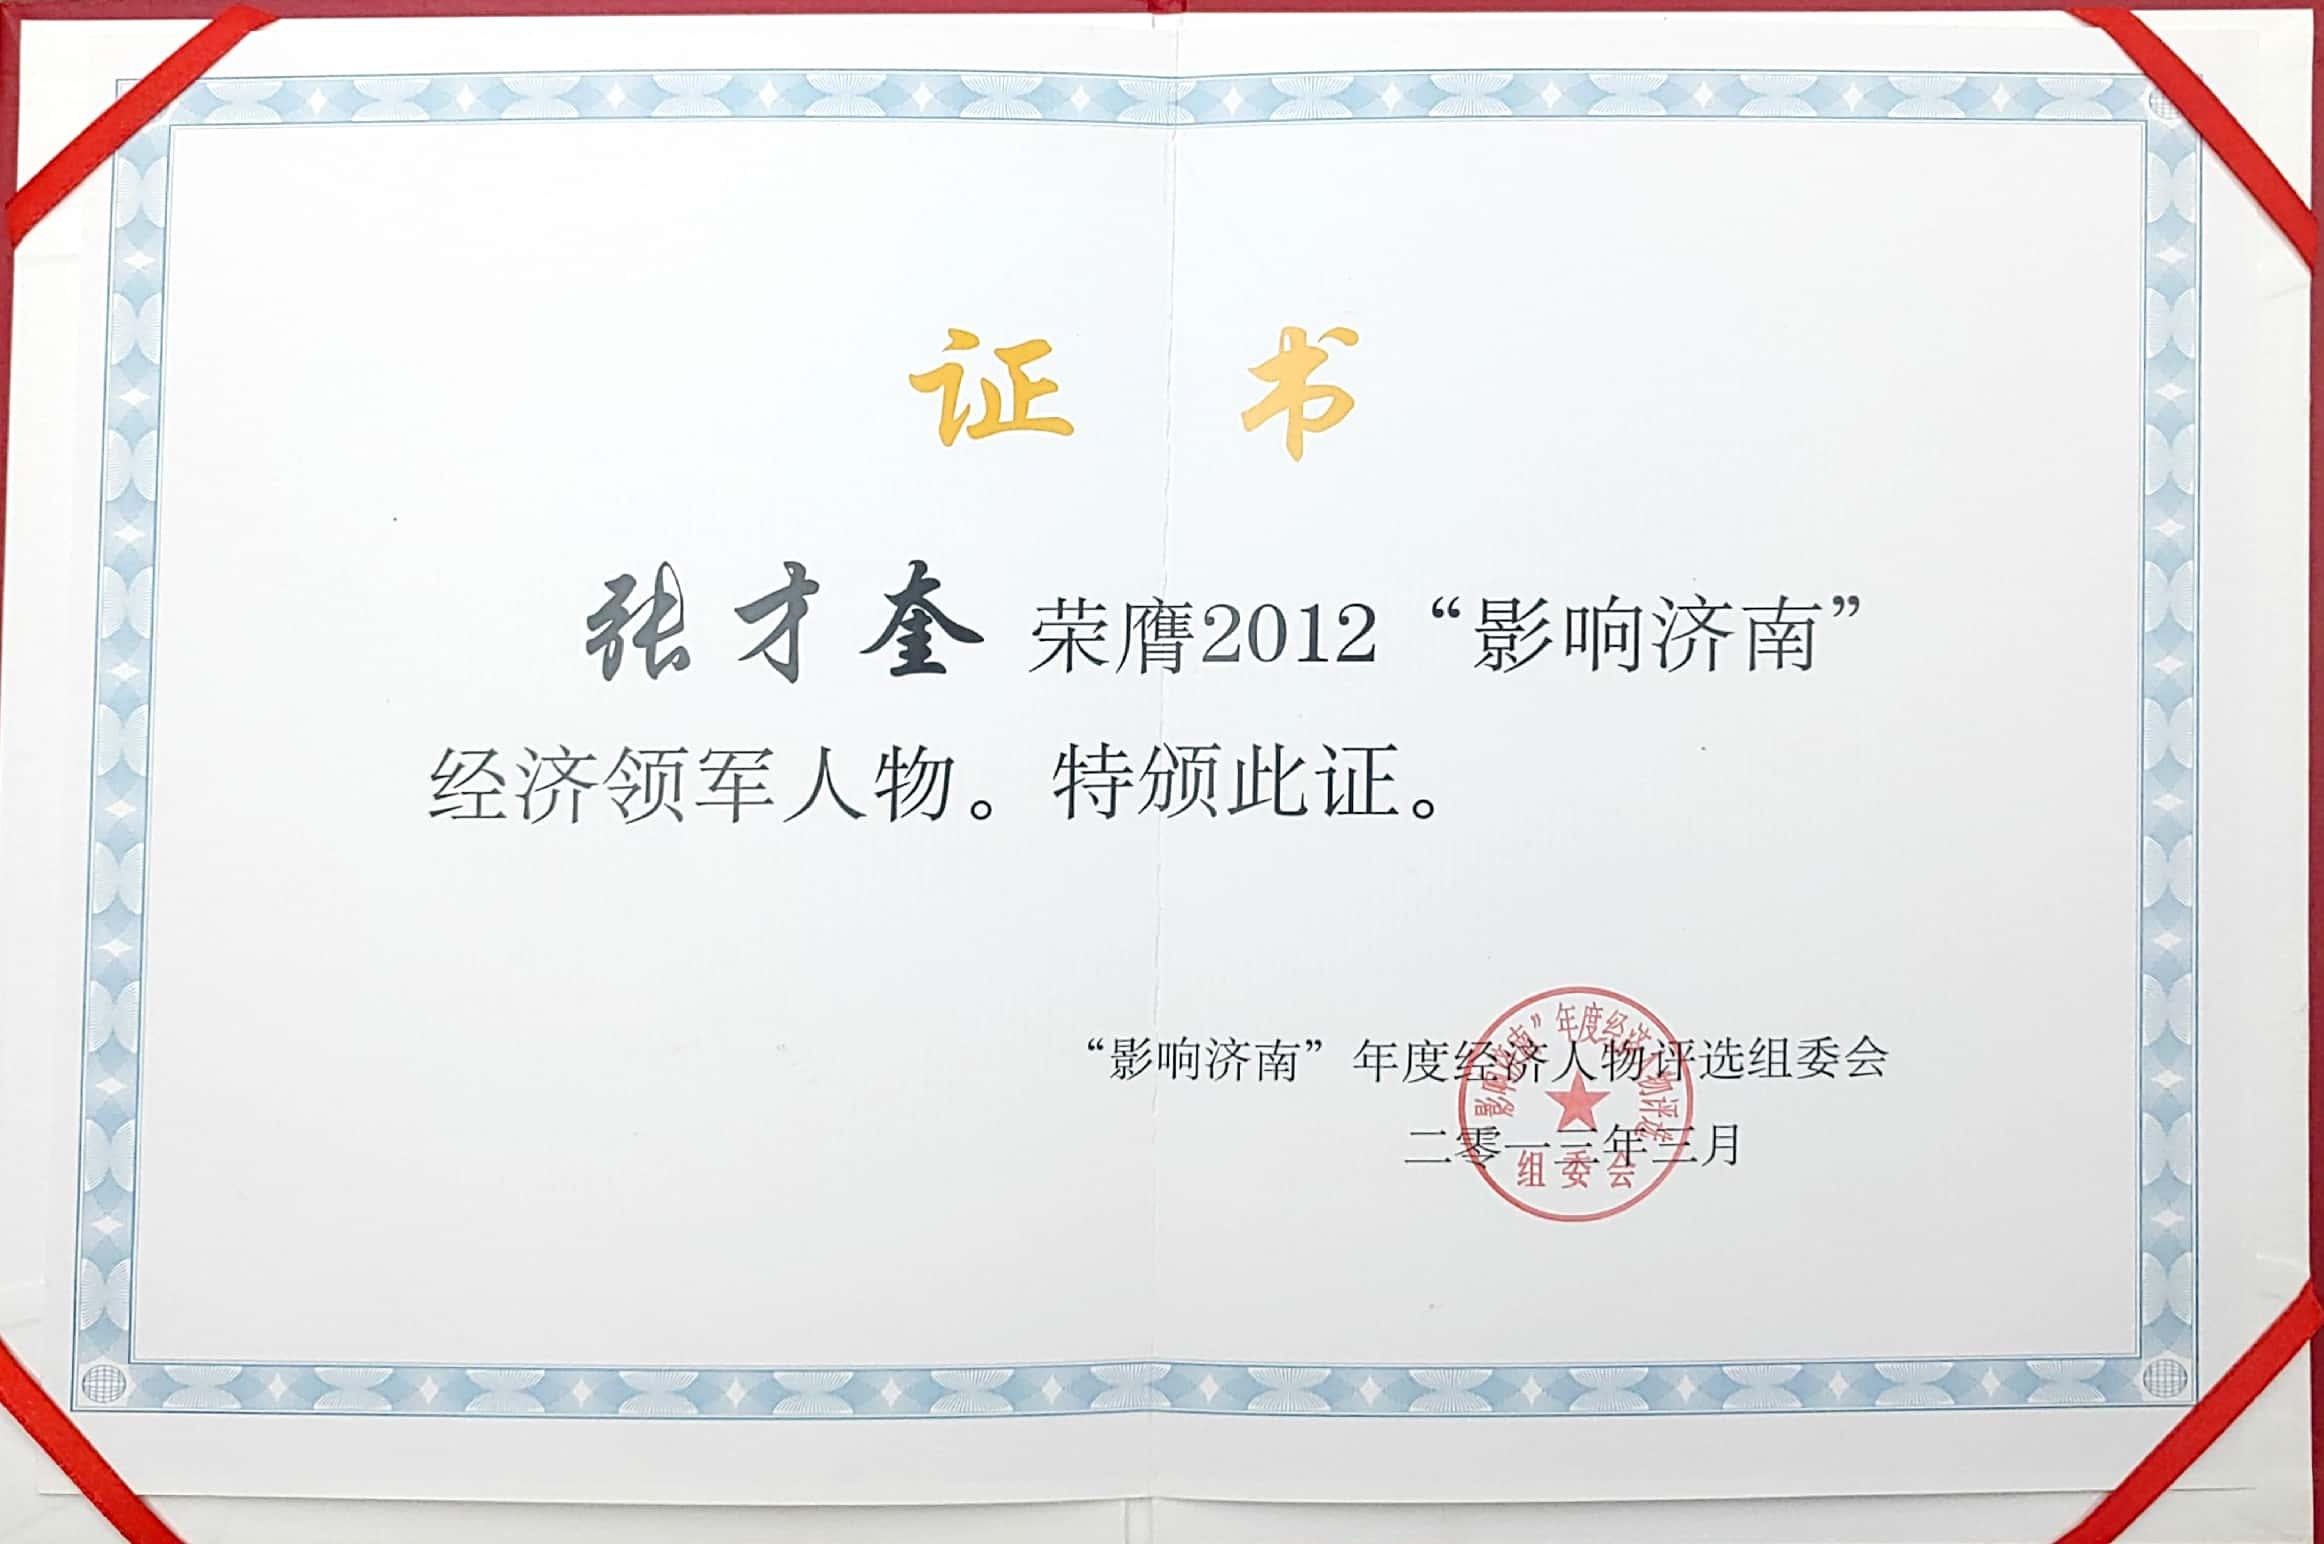 2012年影响济南经济领军人物